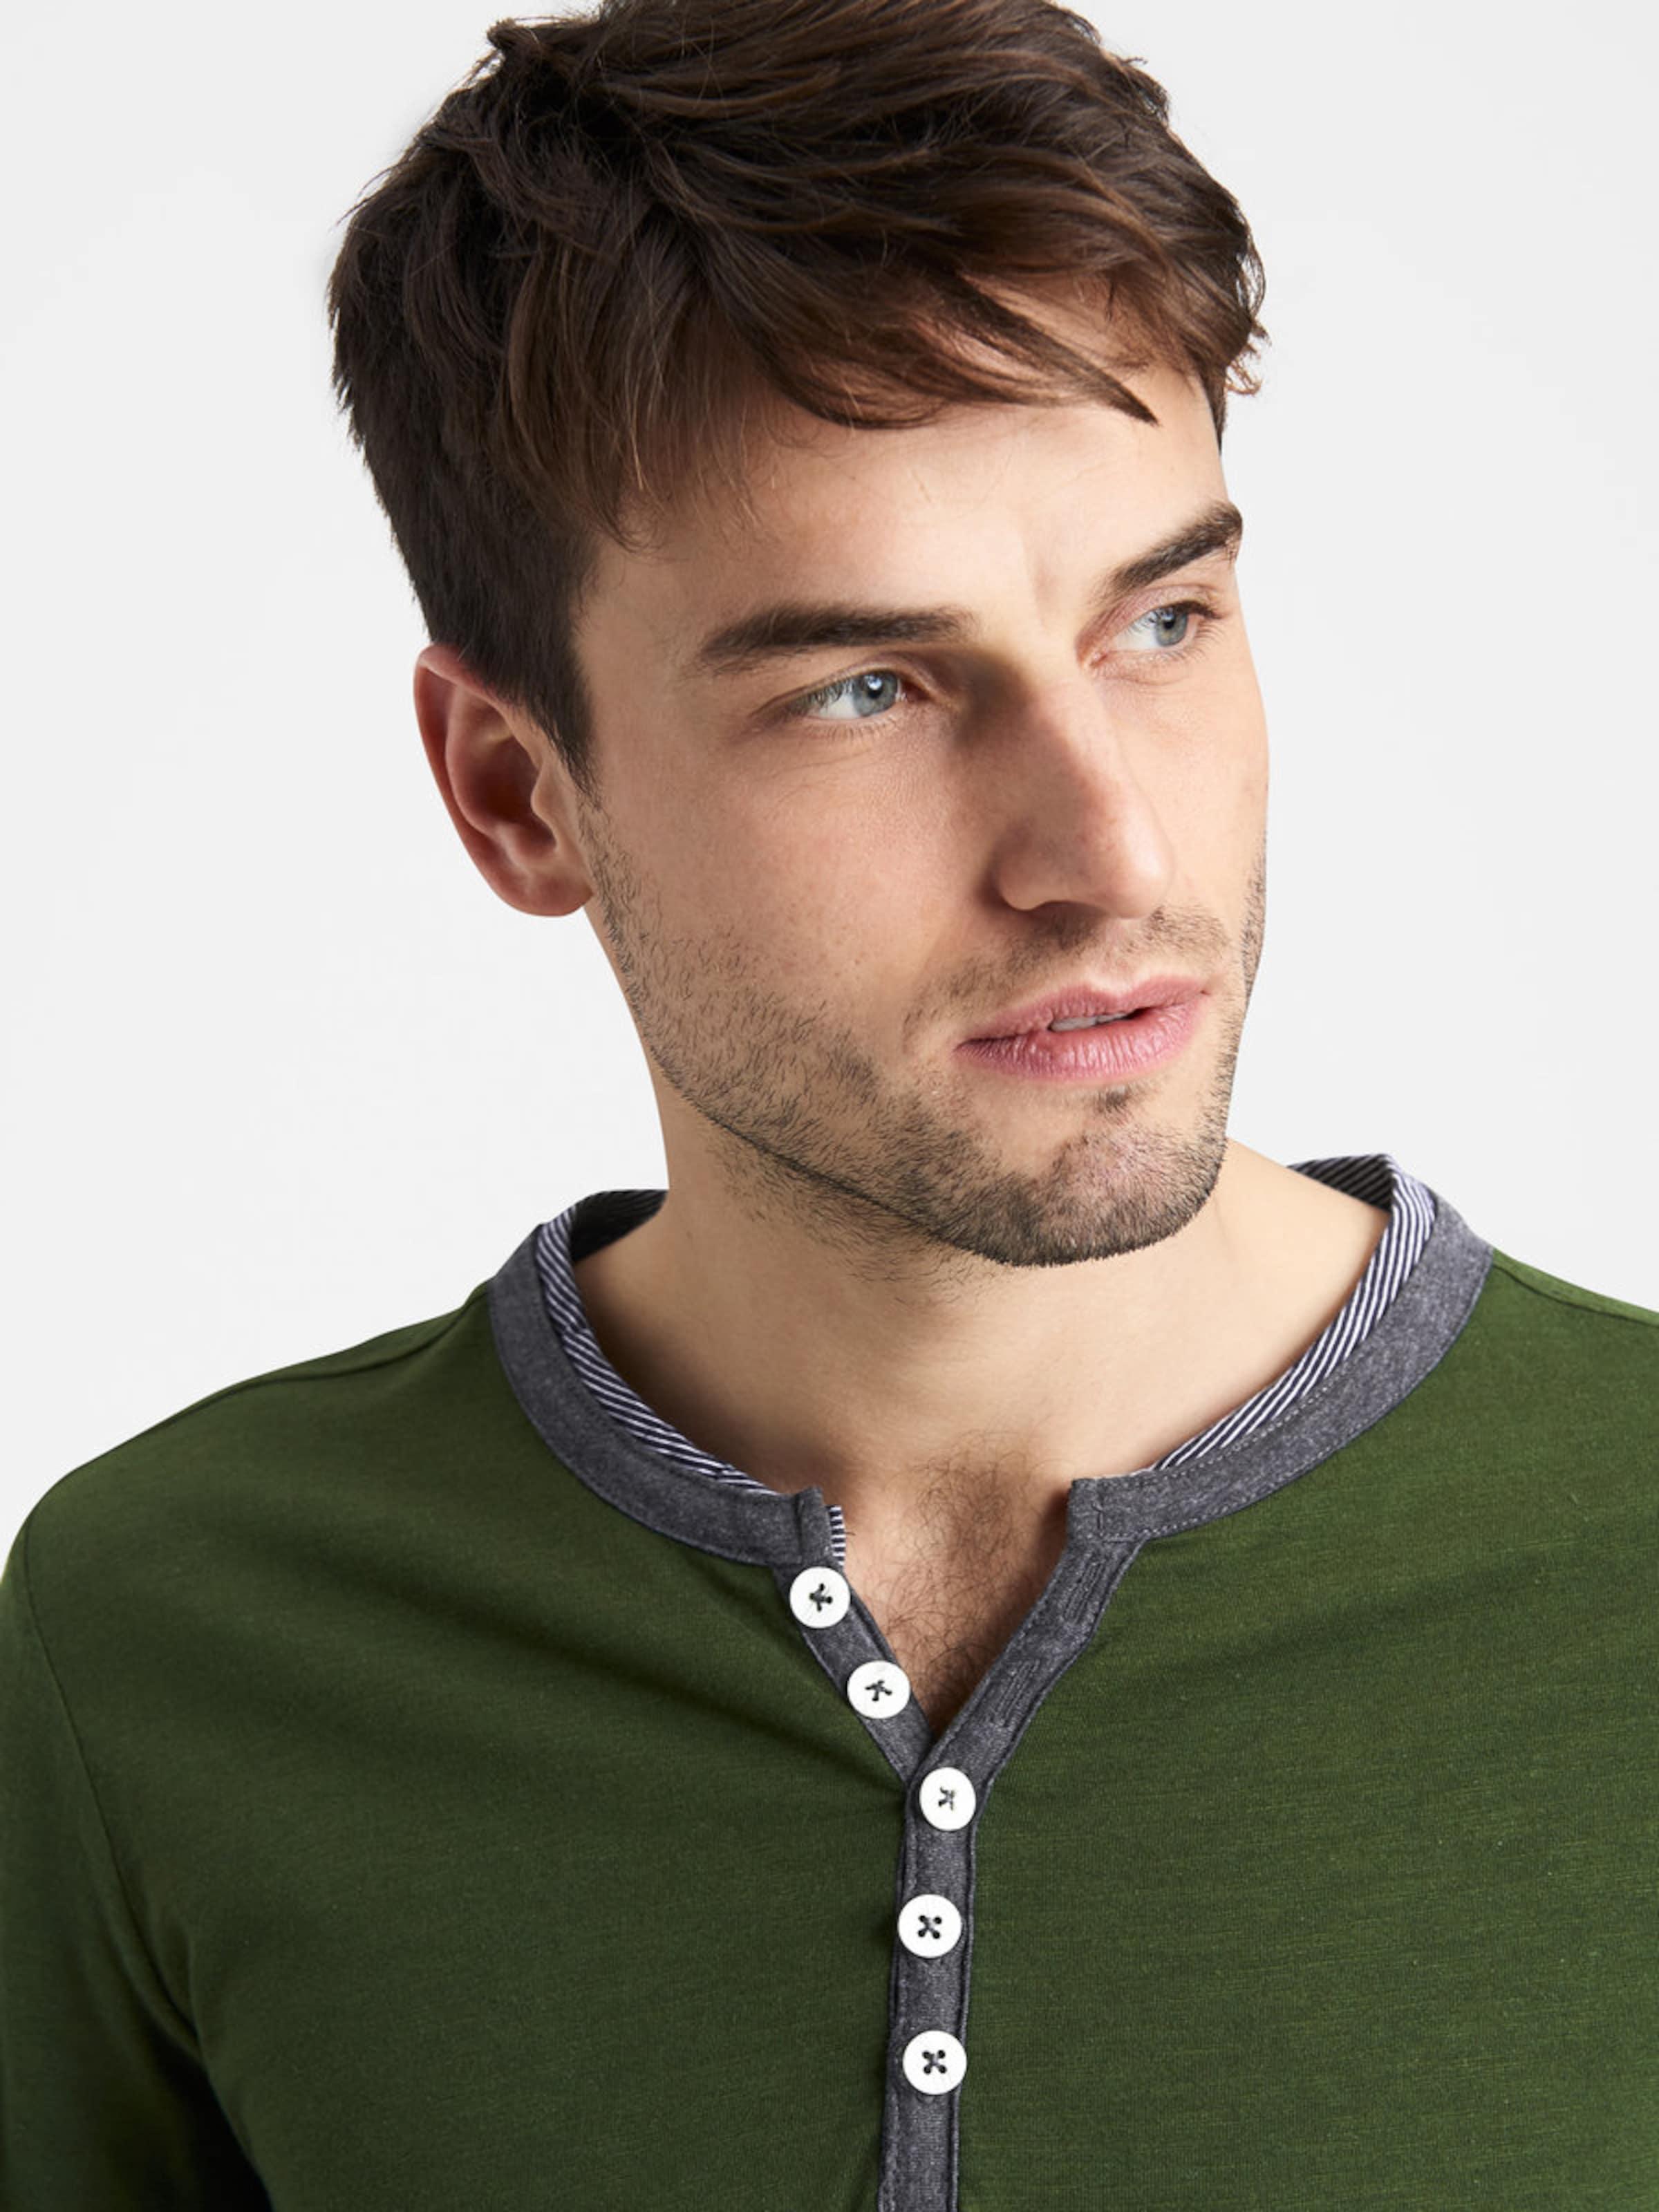 Erschwinglich Zu Verkaufen Erhalten Authentisch Günstig Online Produkt Klassisches T-Shirt mit langen Ärmeln Online Wie Vielen Verkauf Günstig Kaufen Erschwinglich Nicekicks Günstig Online N3BVJwHu